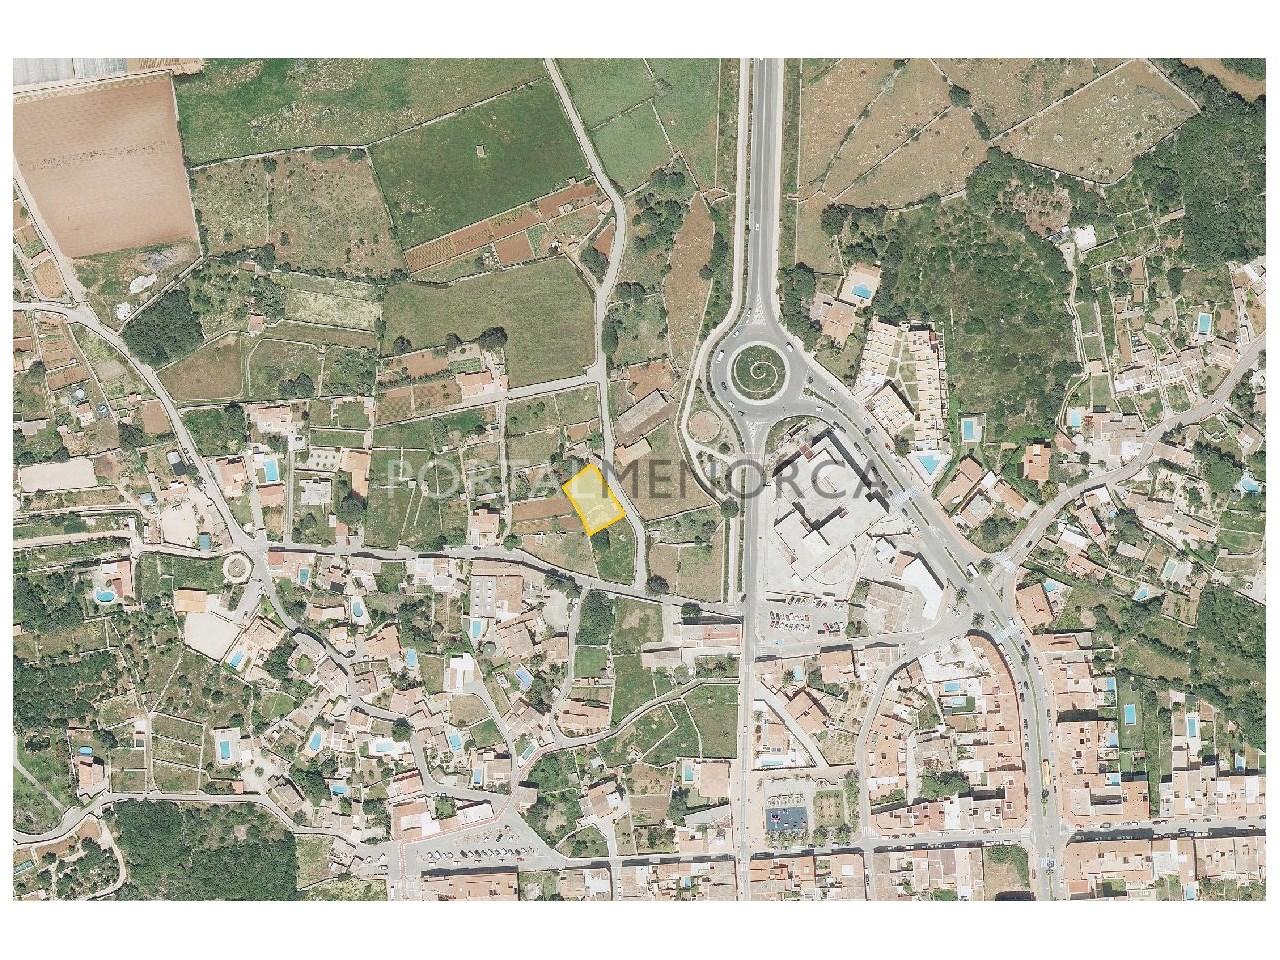 Parcela urbana edificable en venta en Menorca